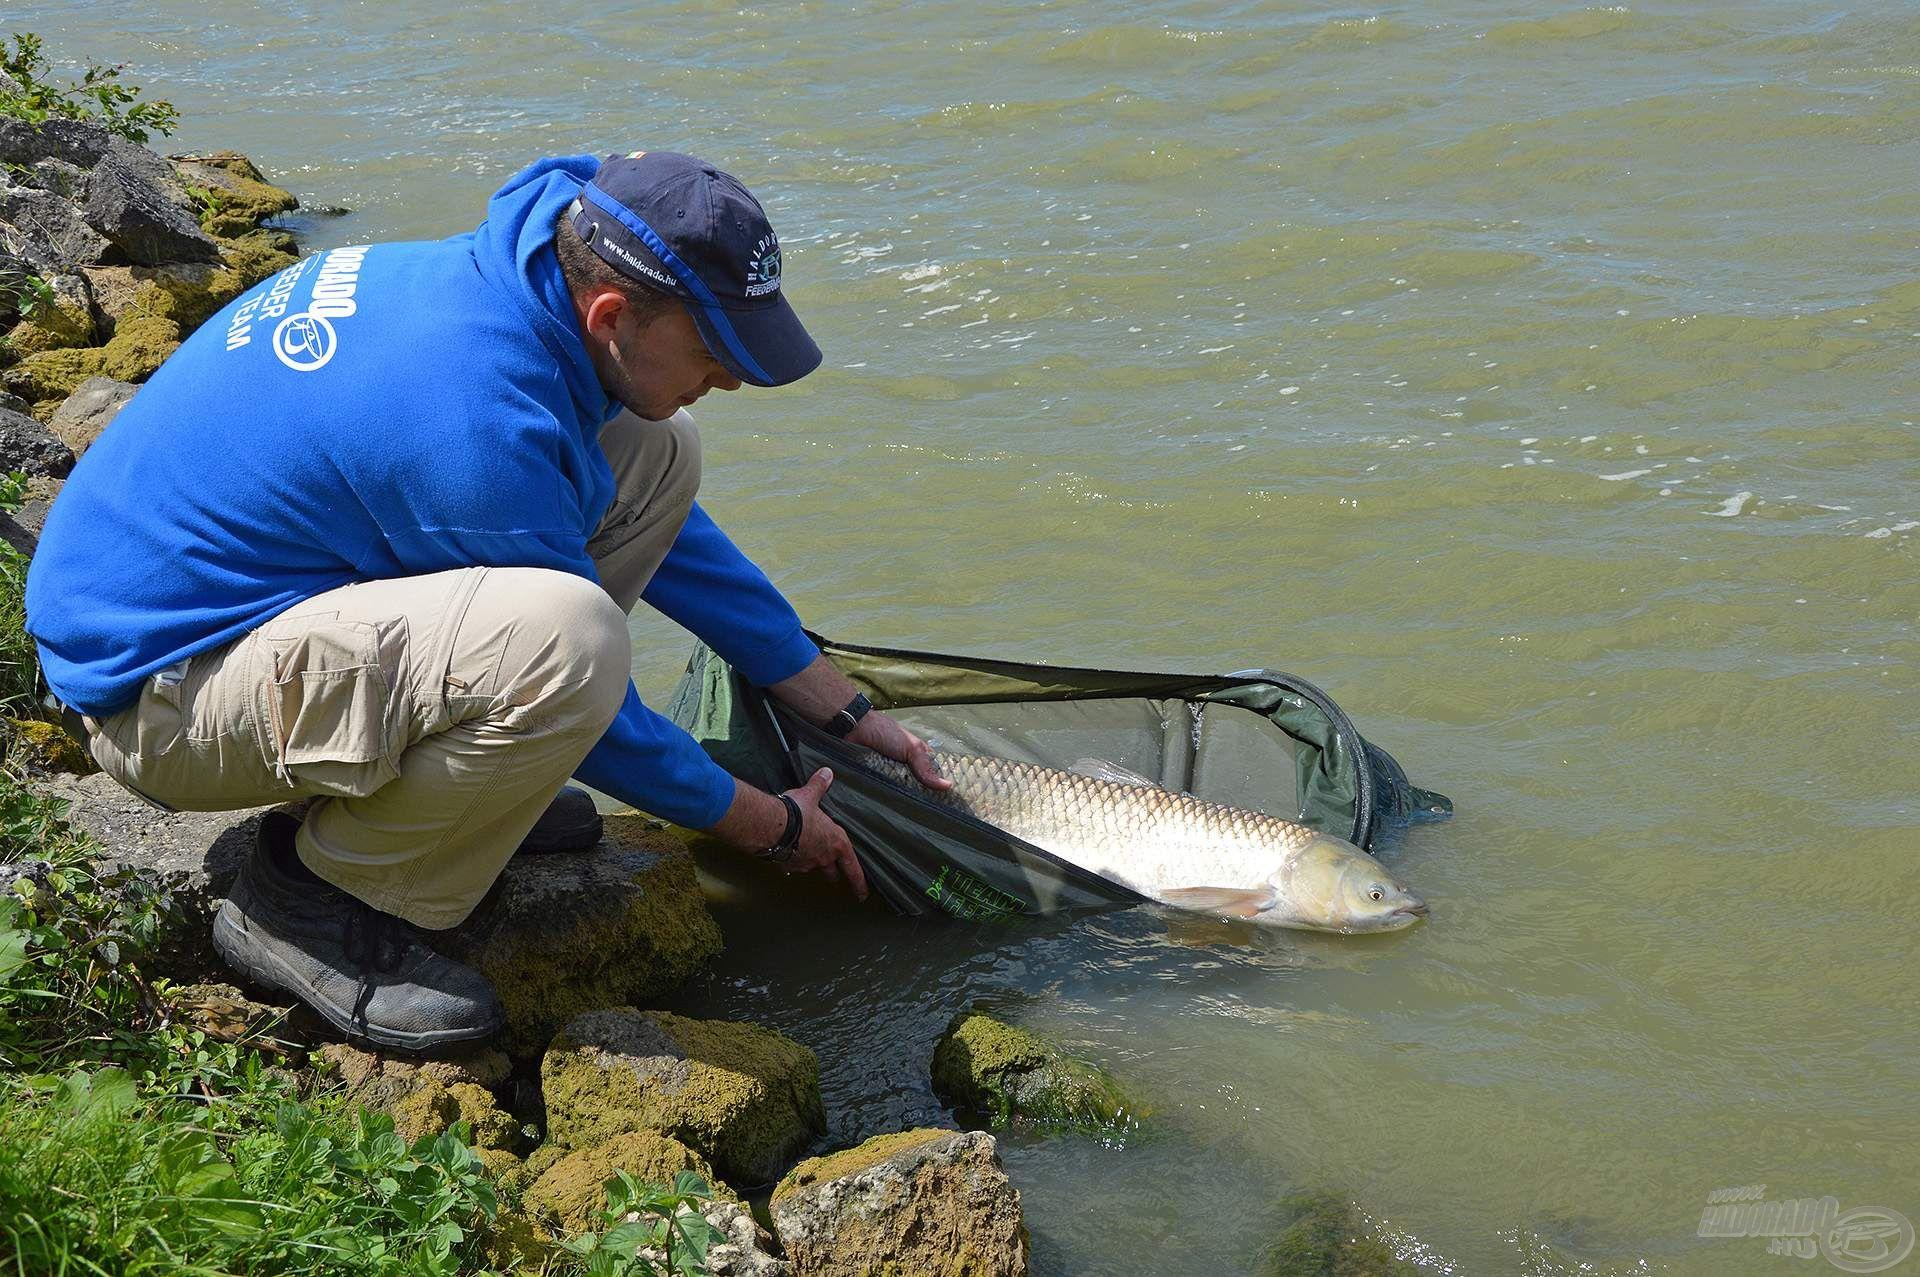 Mérettől függetlenül akkor válik igazán teljessé ezeknek a remek halaknak a horgászata, ha egészségüket megőrizve adhatjuk vissza a szabadságukat